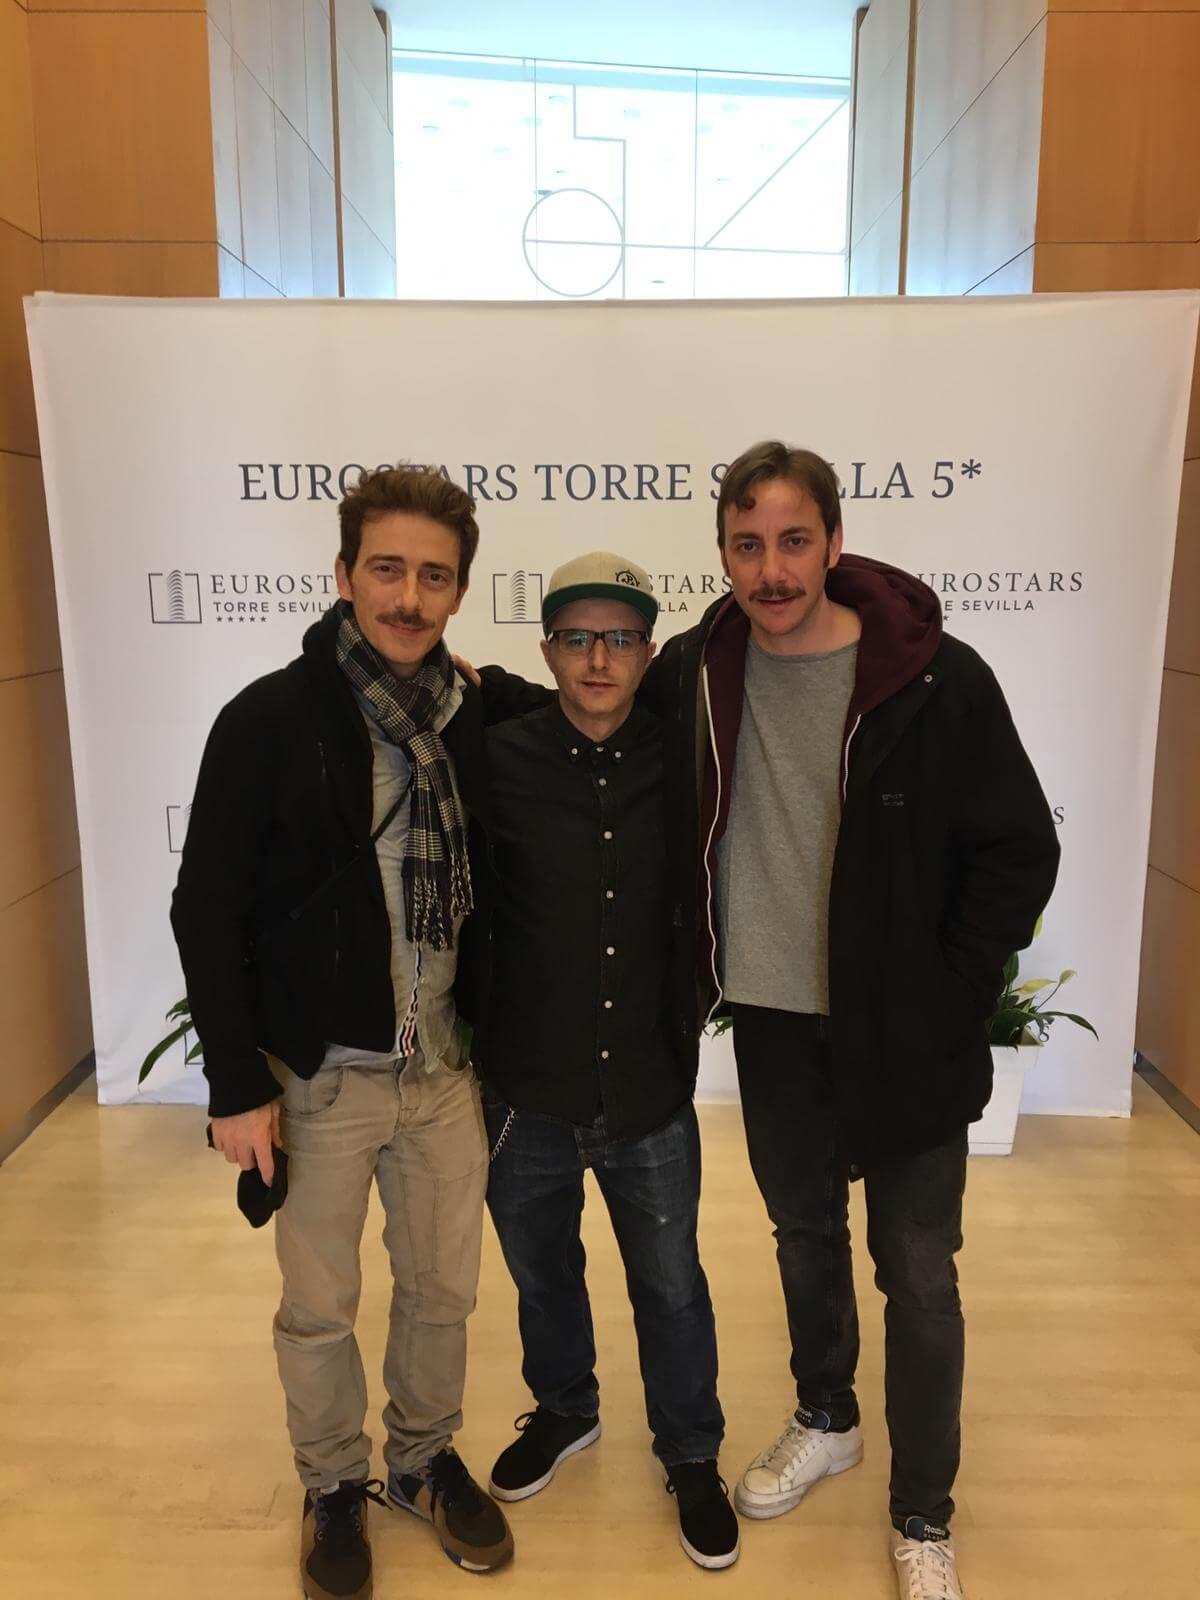 Víctor Clavijo, Darío Paso y Pepe Lorente en el Eurostars Torre Sevilla 5*